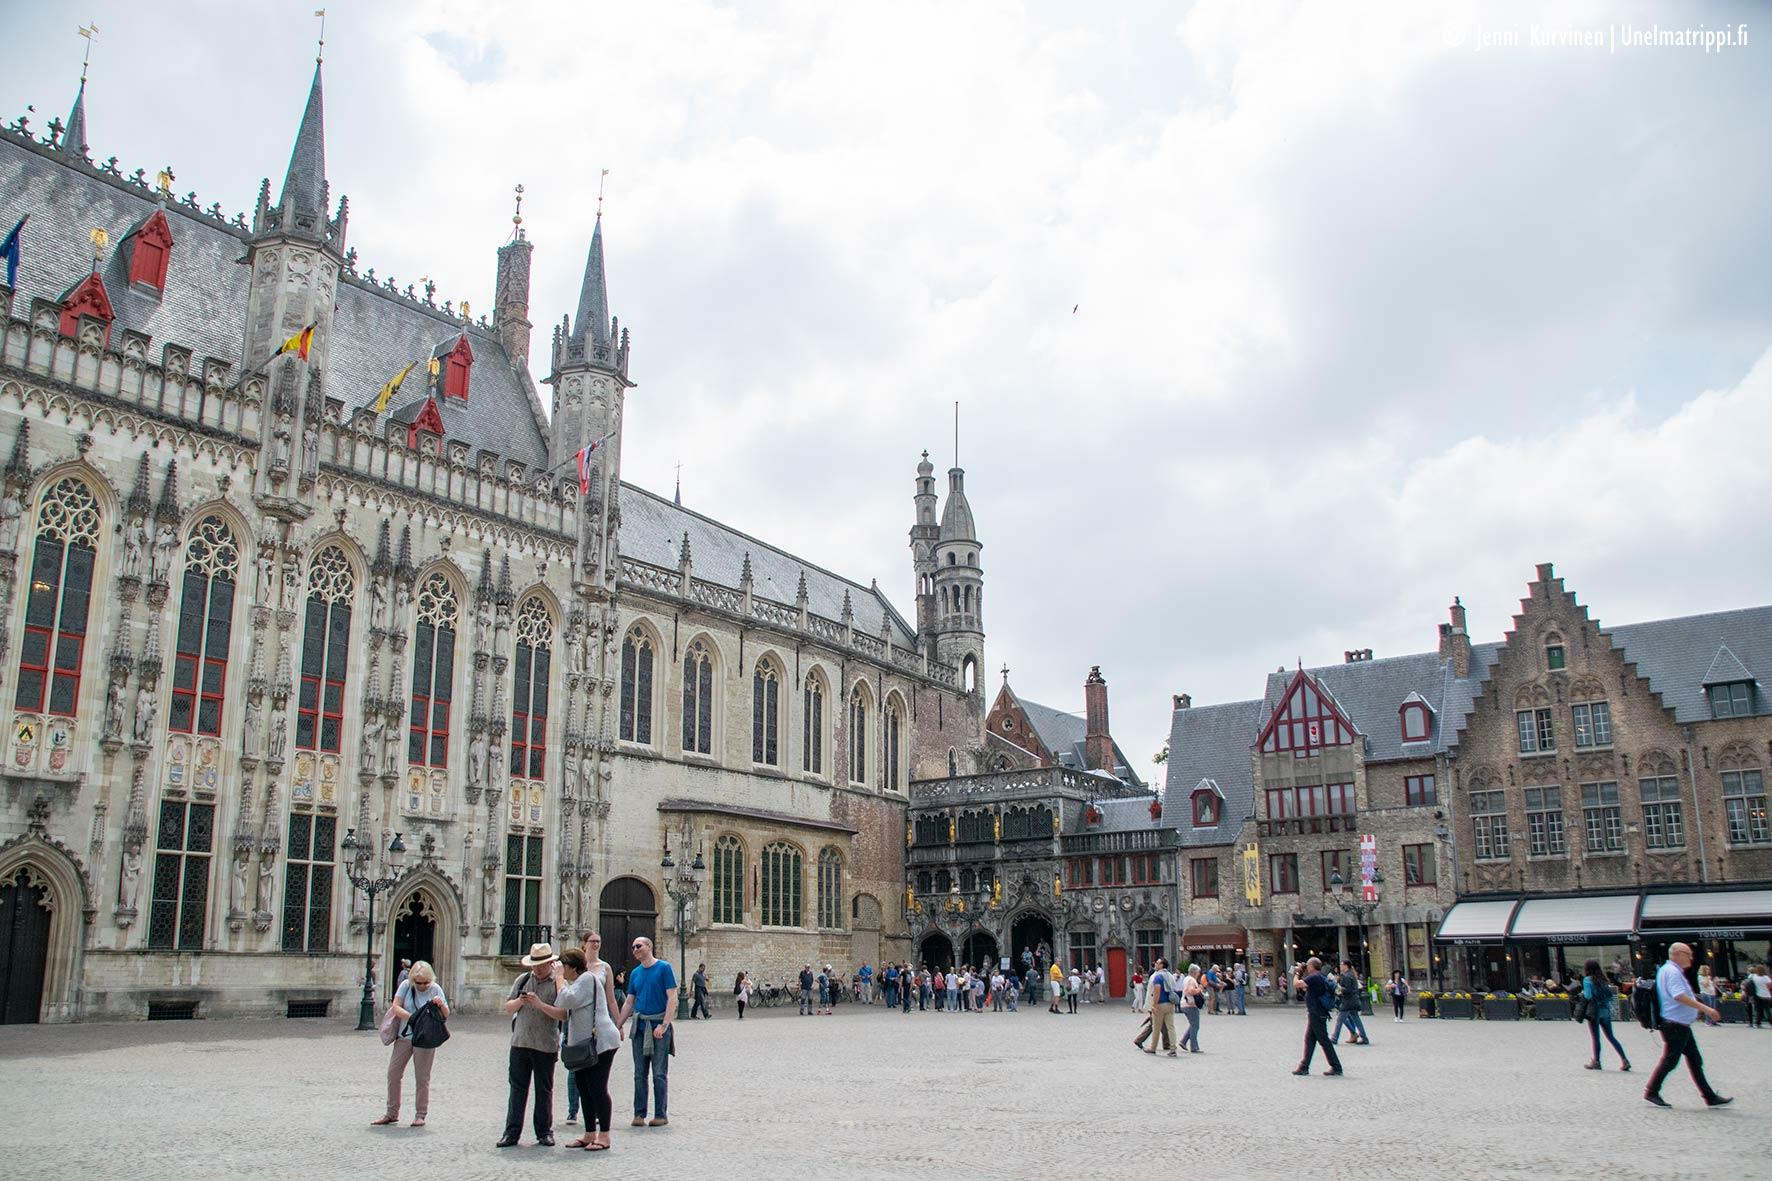 20180909-Unelmatrippi-Brugge-DSC0827